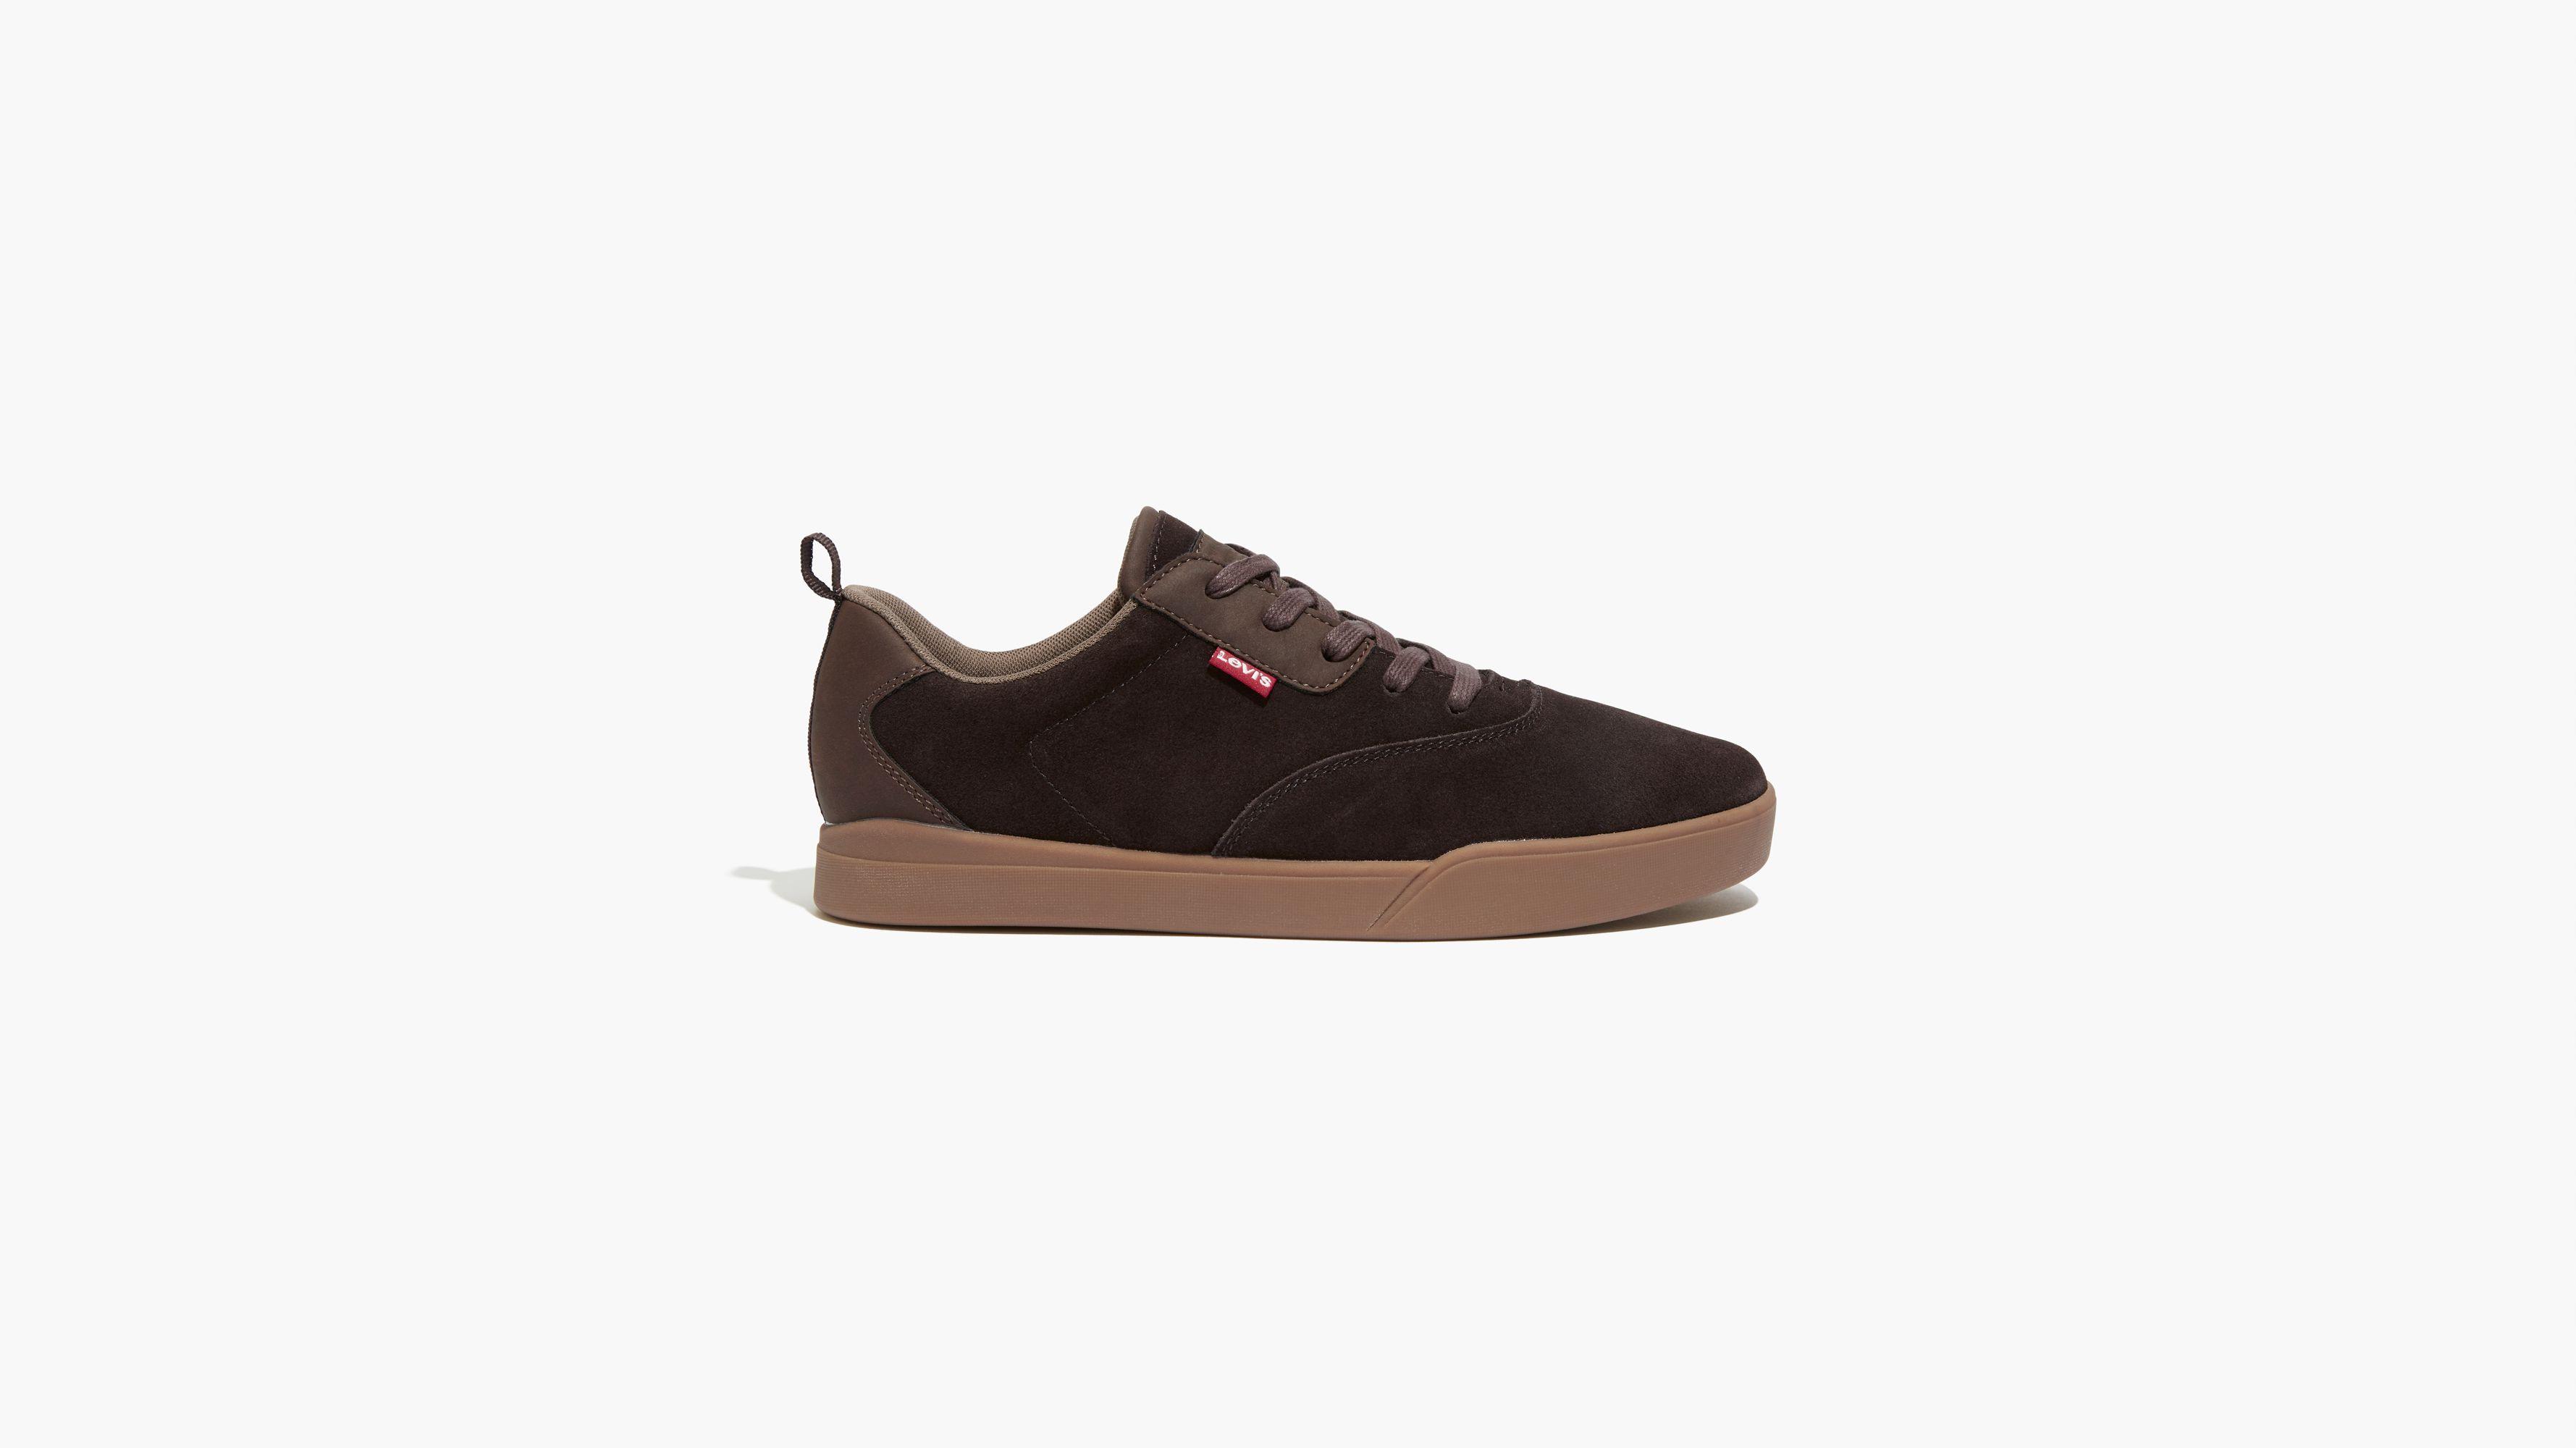 amp; Sneakers Us Levi's® Men's Sandals Shoes Boots Shop wqII8gf